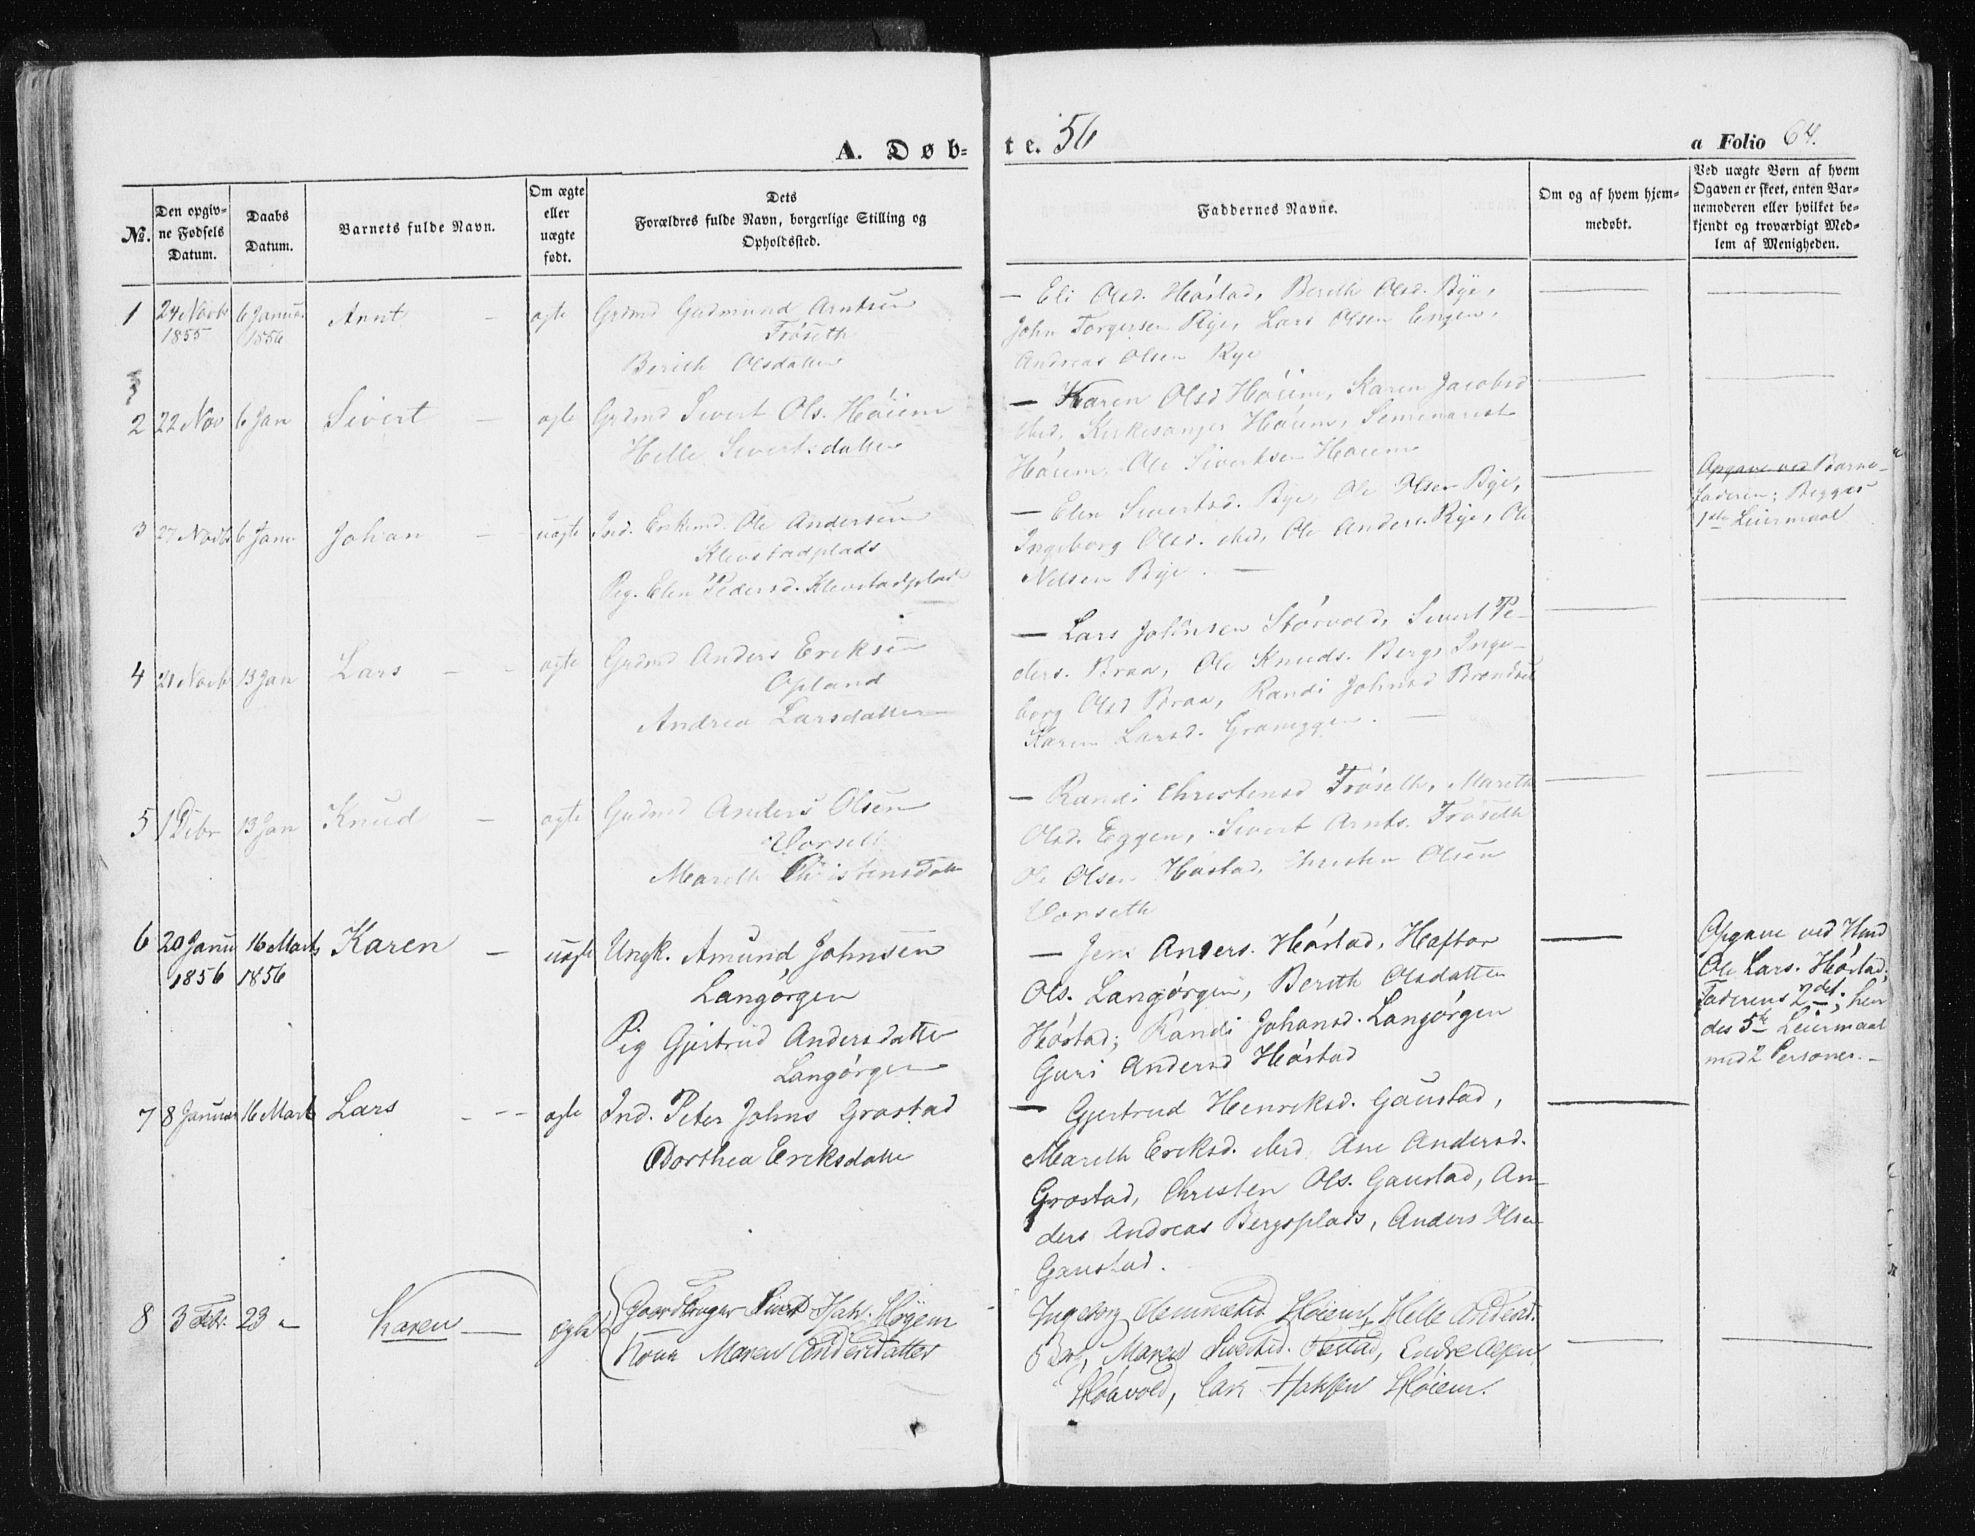 SAT, Ministerialprotokoller, klokkerbøker og fødselsregistre - Sør-Trøndelag, 612/L0376: Ministerialbok nr. 612A08, 1846-1859, s. 64